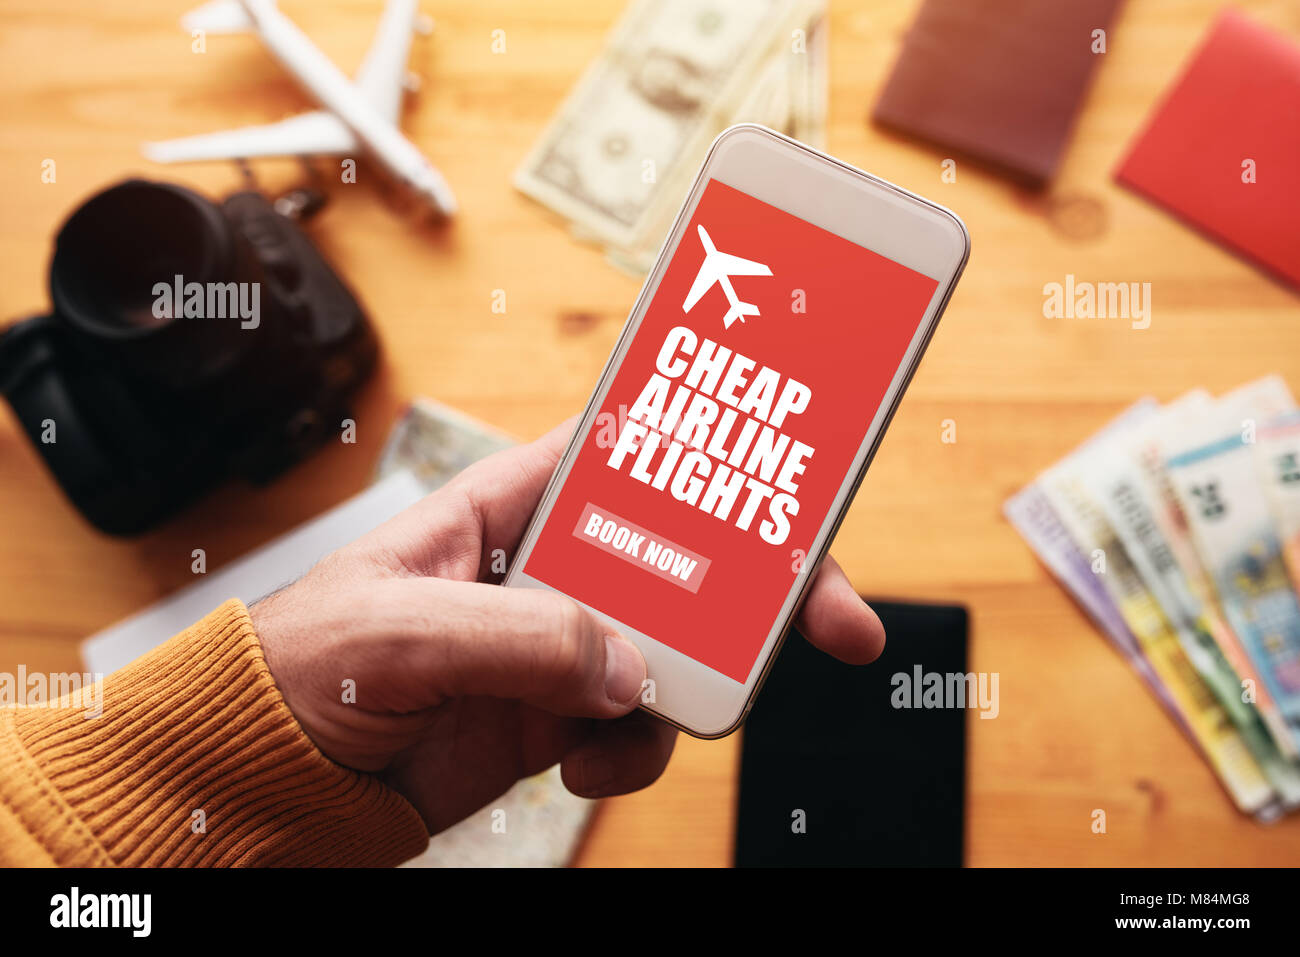 Billig Flüge online mobile App. Mann, Smartphone mit Mock up Anwendung Bildschirm zu Urlaub Reise Reise. Stockbild